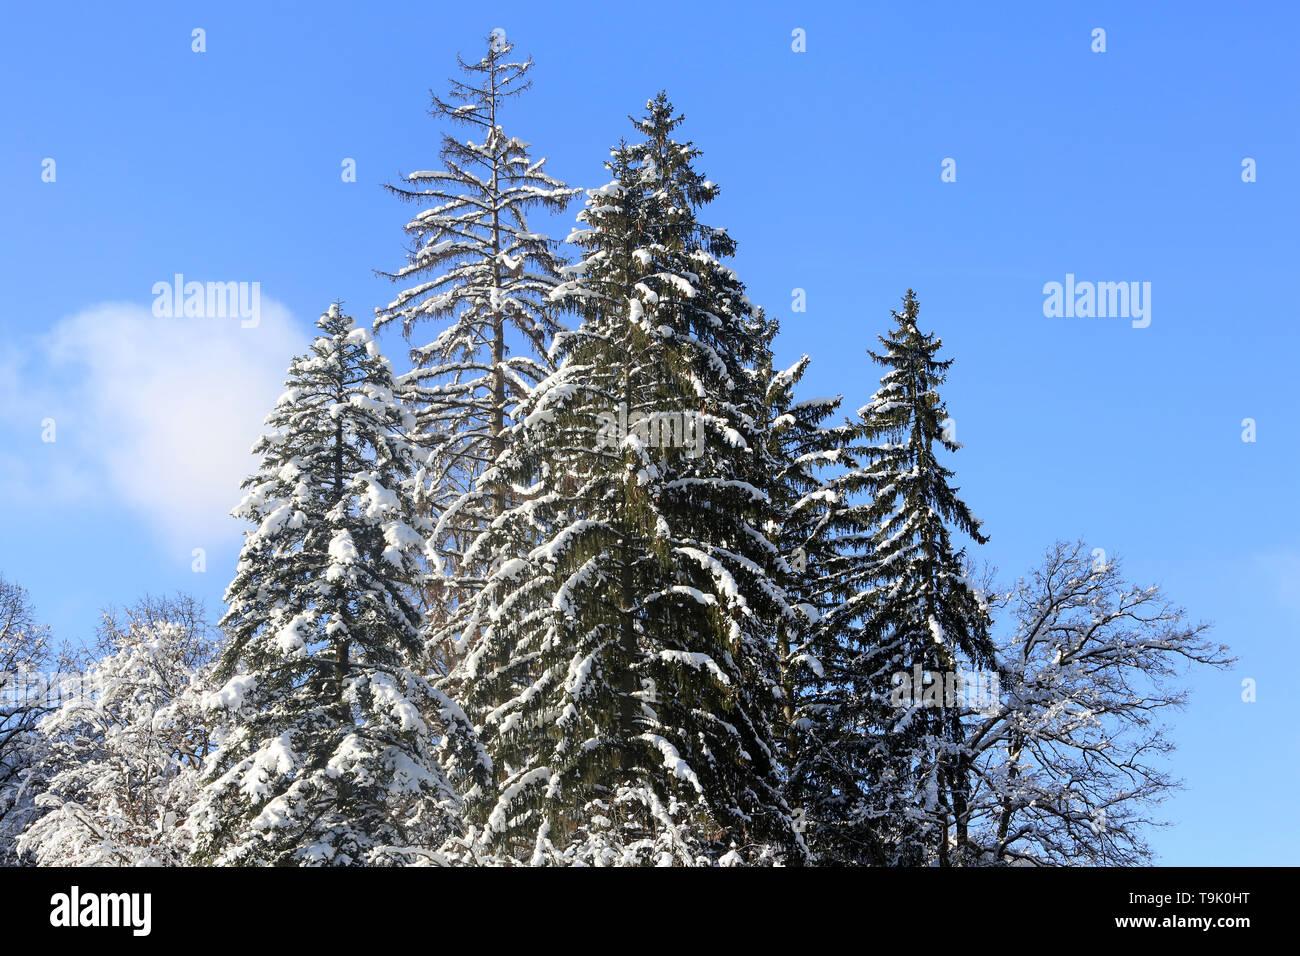 Sapins Enneigés Haute Savoie France Stock Photo 246894644